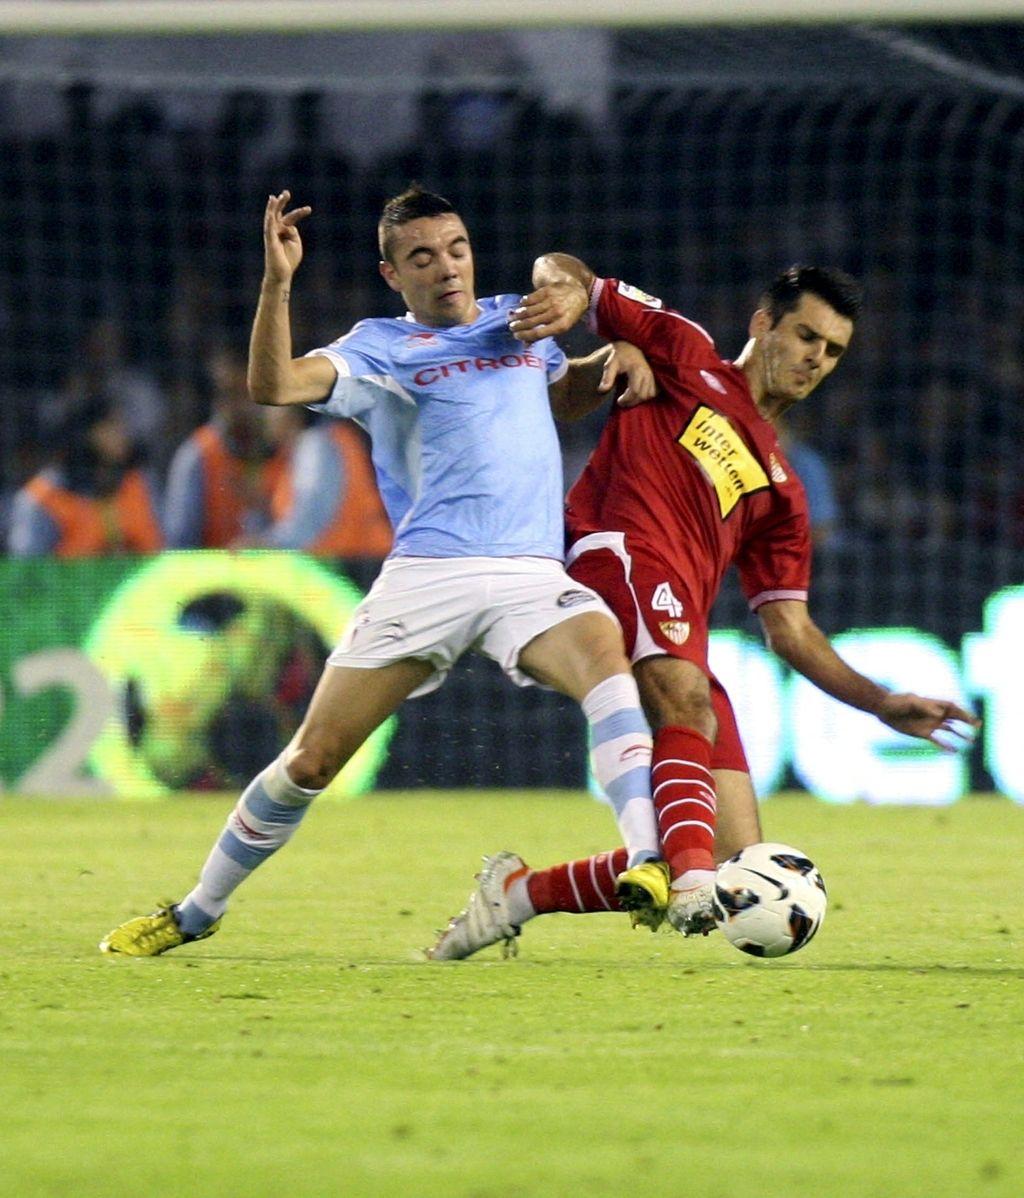 El delantero del Celta de Vigo Iago Aspas pugna un balón con el bosnio Emir Spahic, del Sevilla CF, durante el partido correspondiente a la séptima jornada de Liga